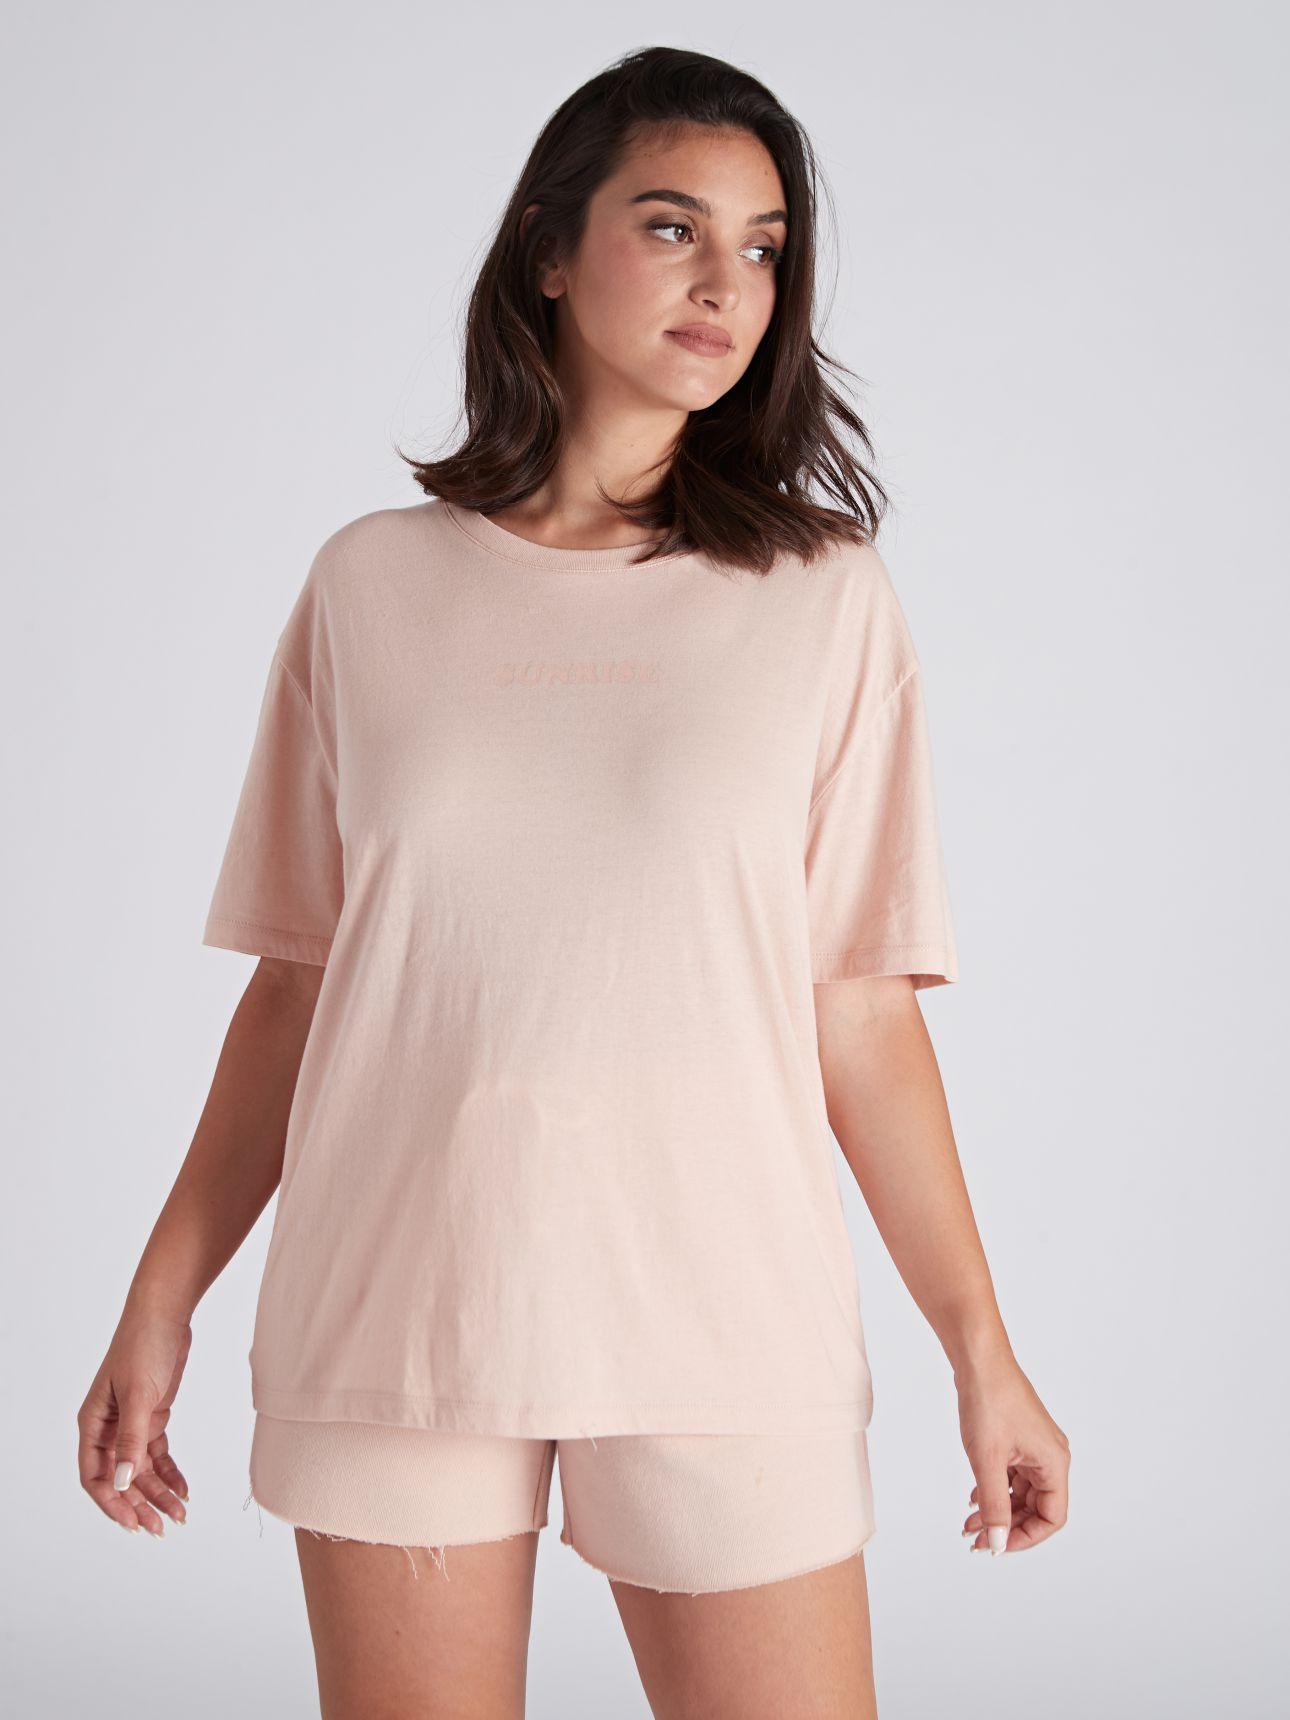 חולצת טי שירט עם דפוס BLOOM בצבע ורוד